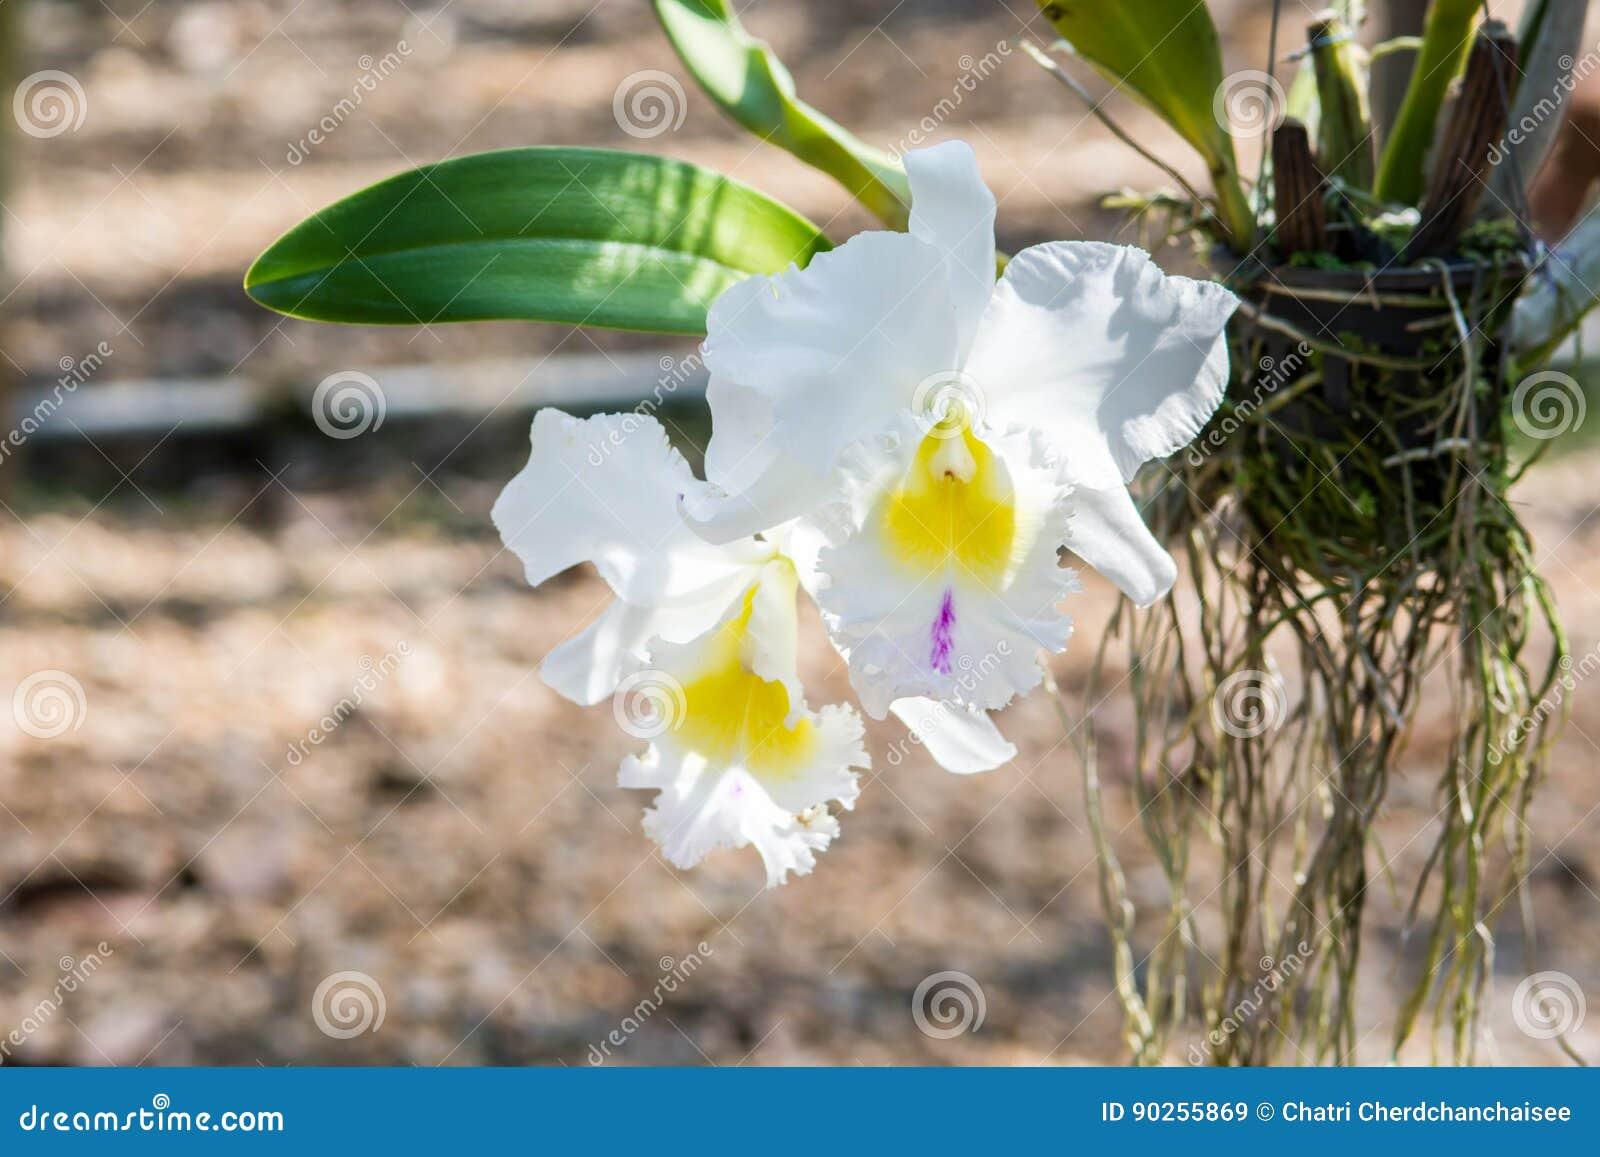 De bloemen van de Catalyyaorchidee in tuin